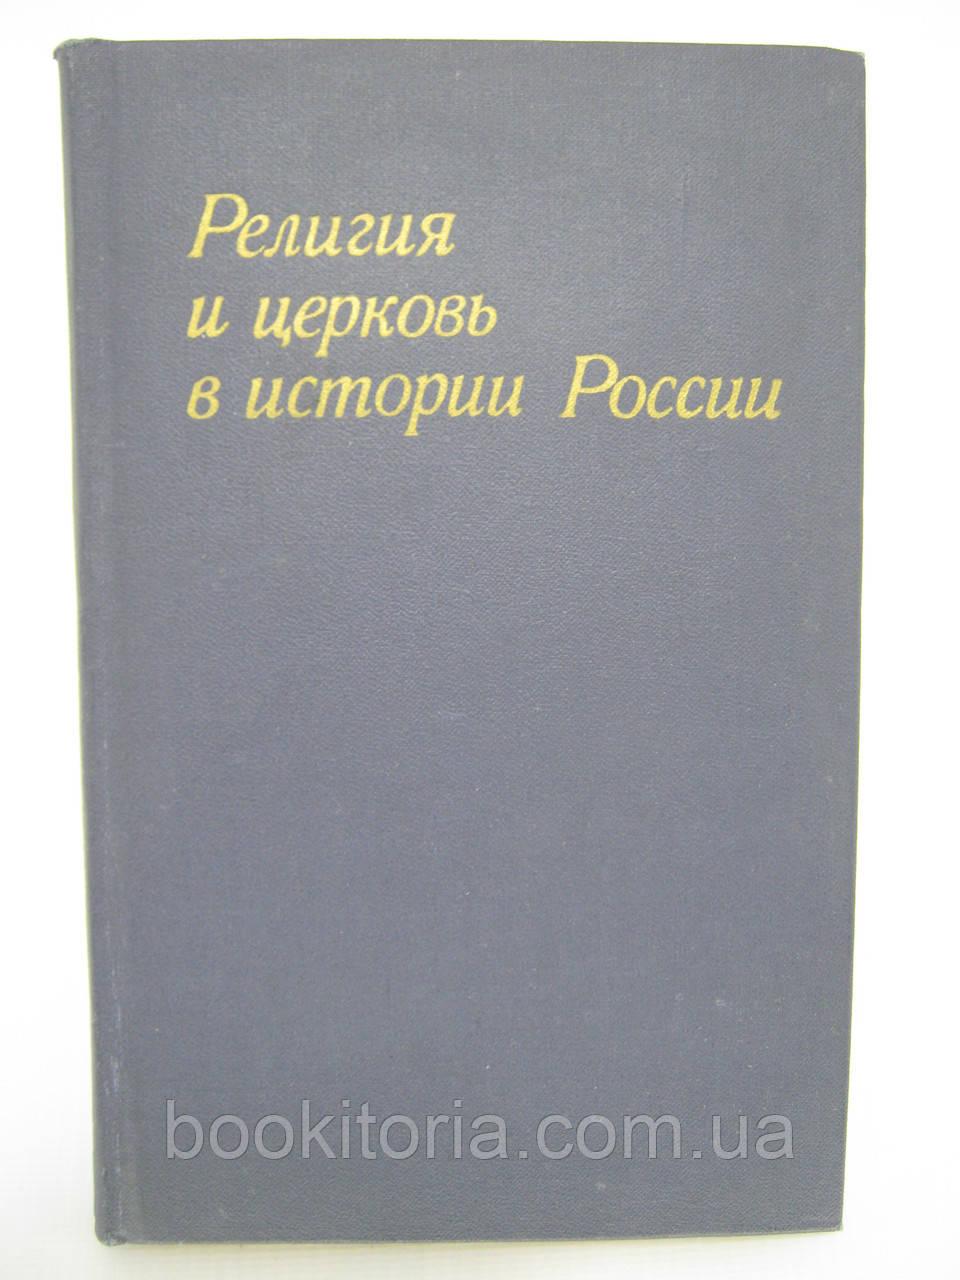 Религия и церковь в истории России (б/у).